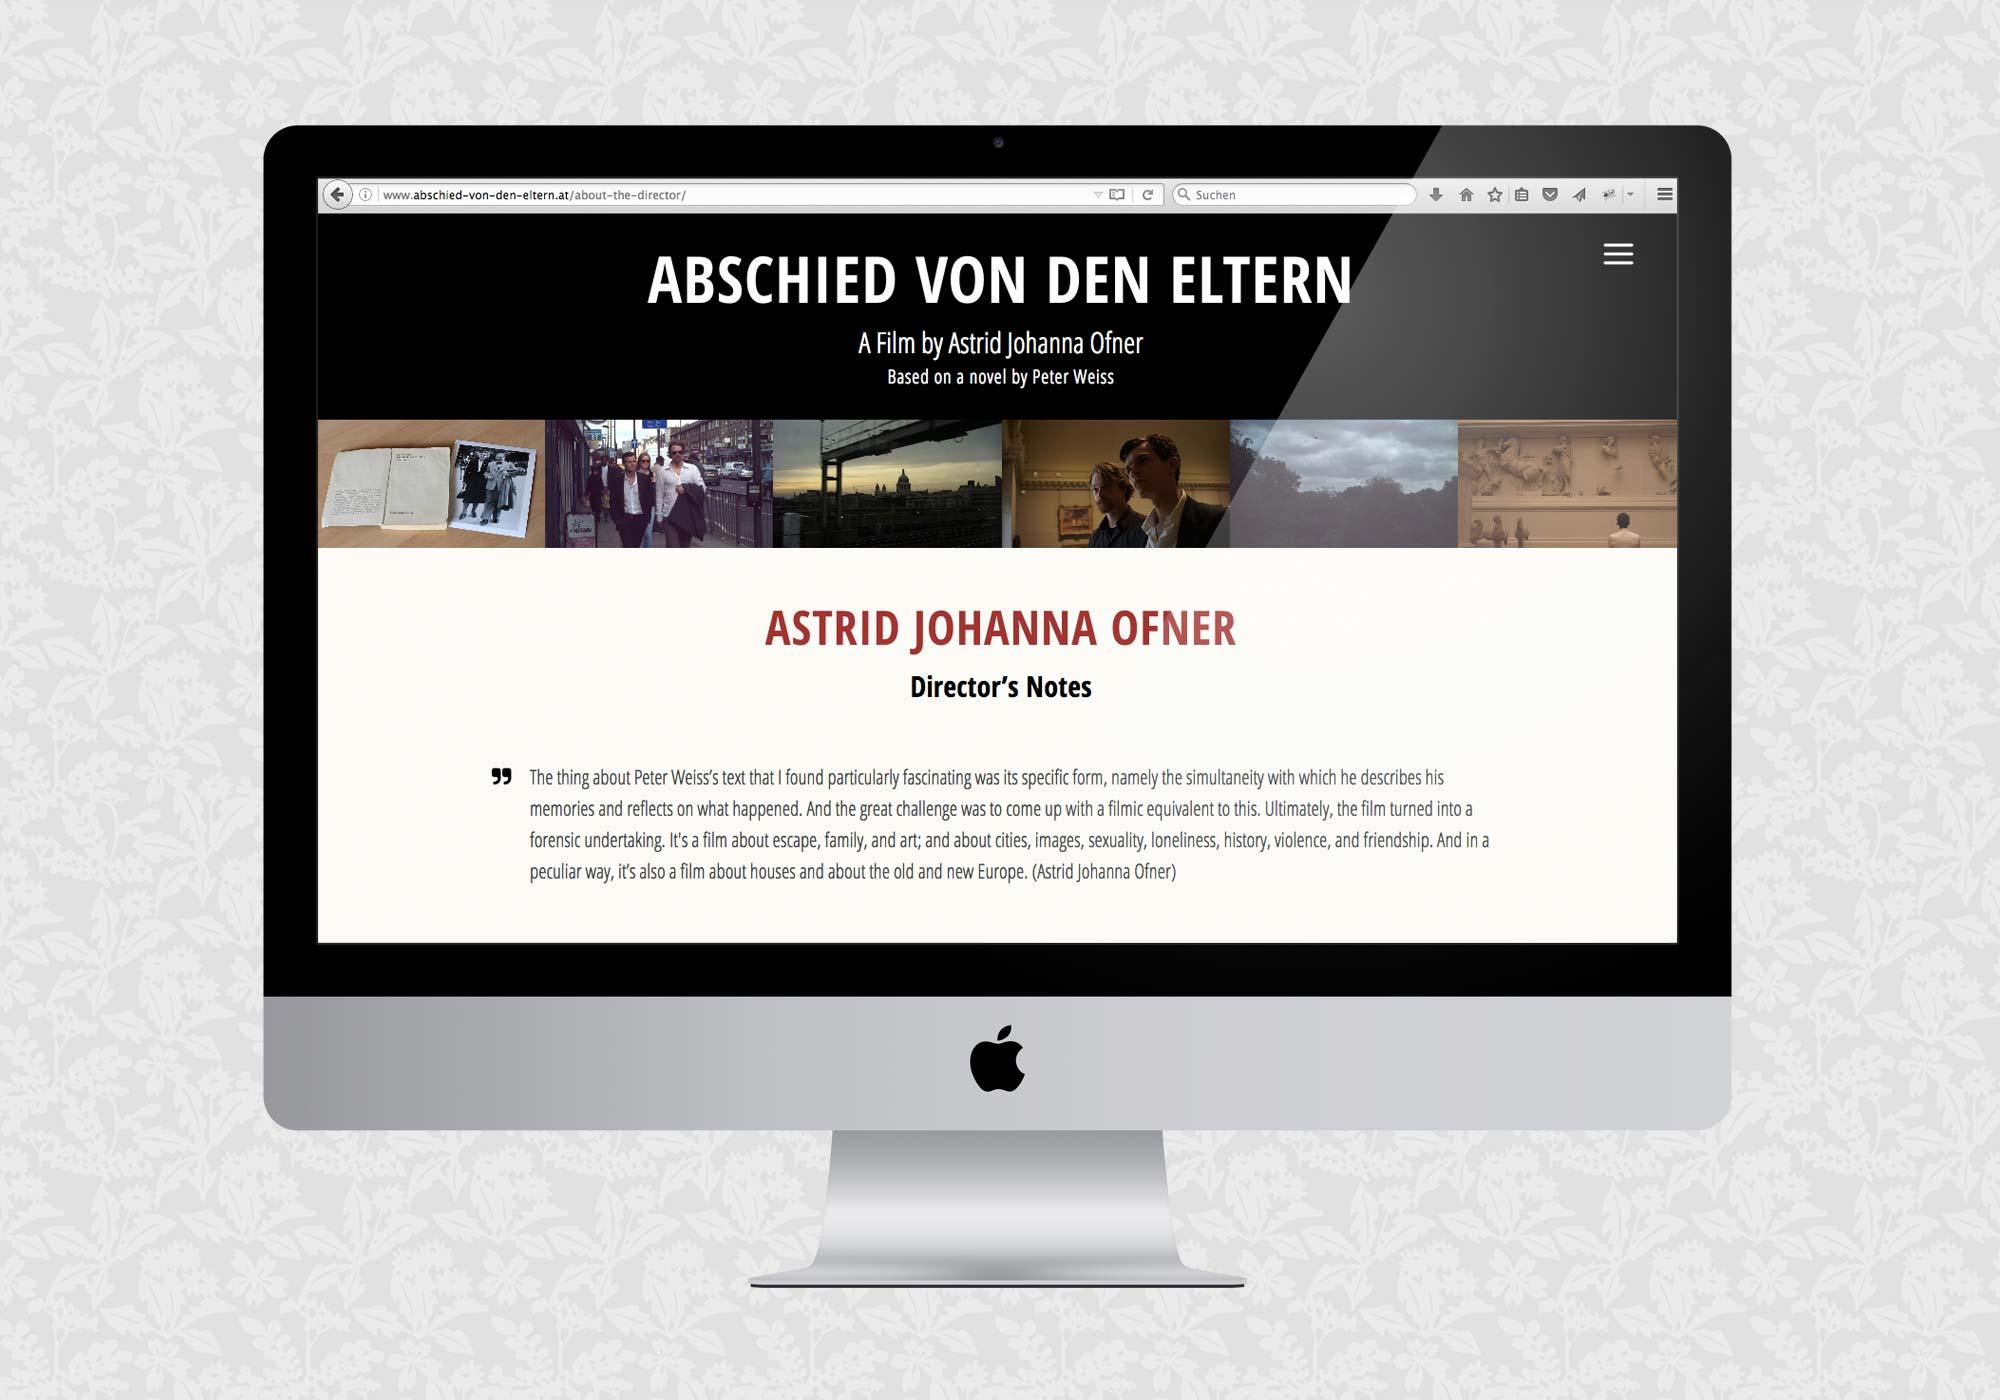 Filmwebsite Abschied von den Eltern